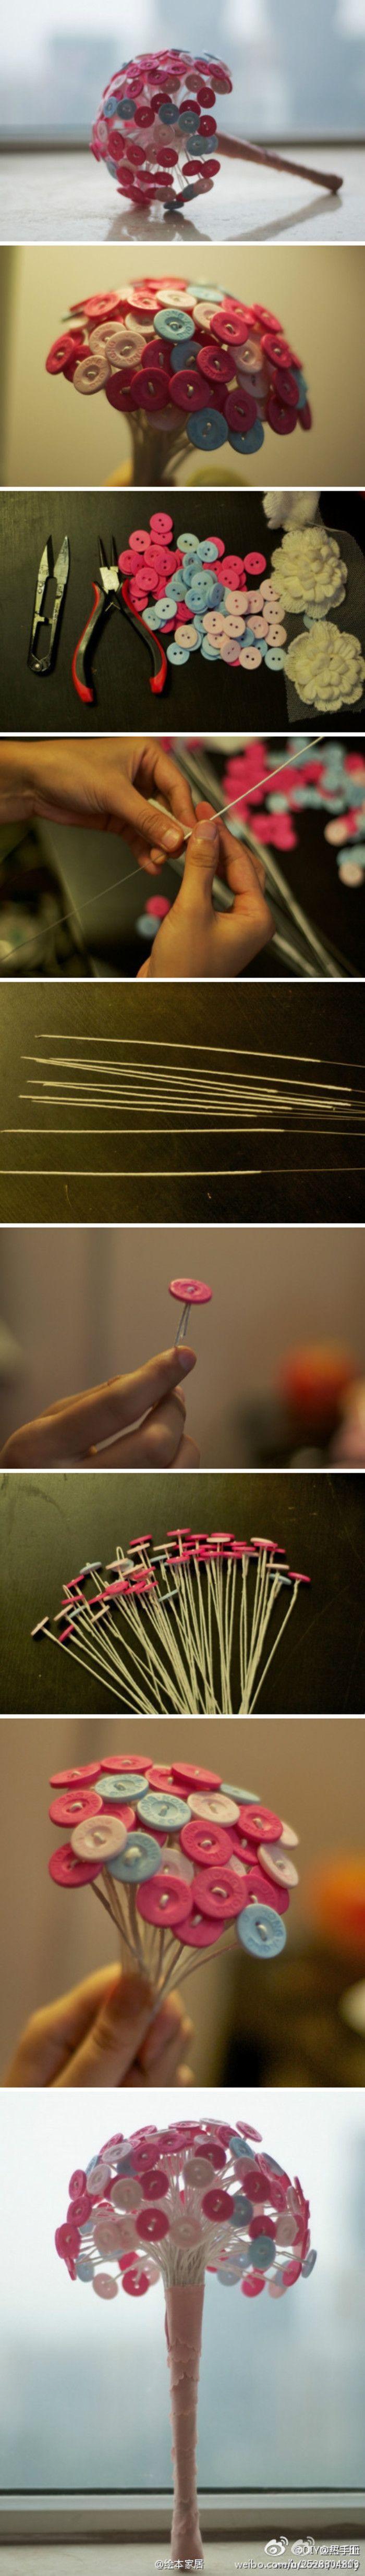 用漂亮缤纷的糖果色钮扣手工DIY一束可爱的手捧花